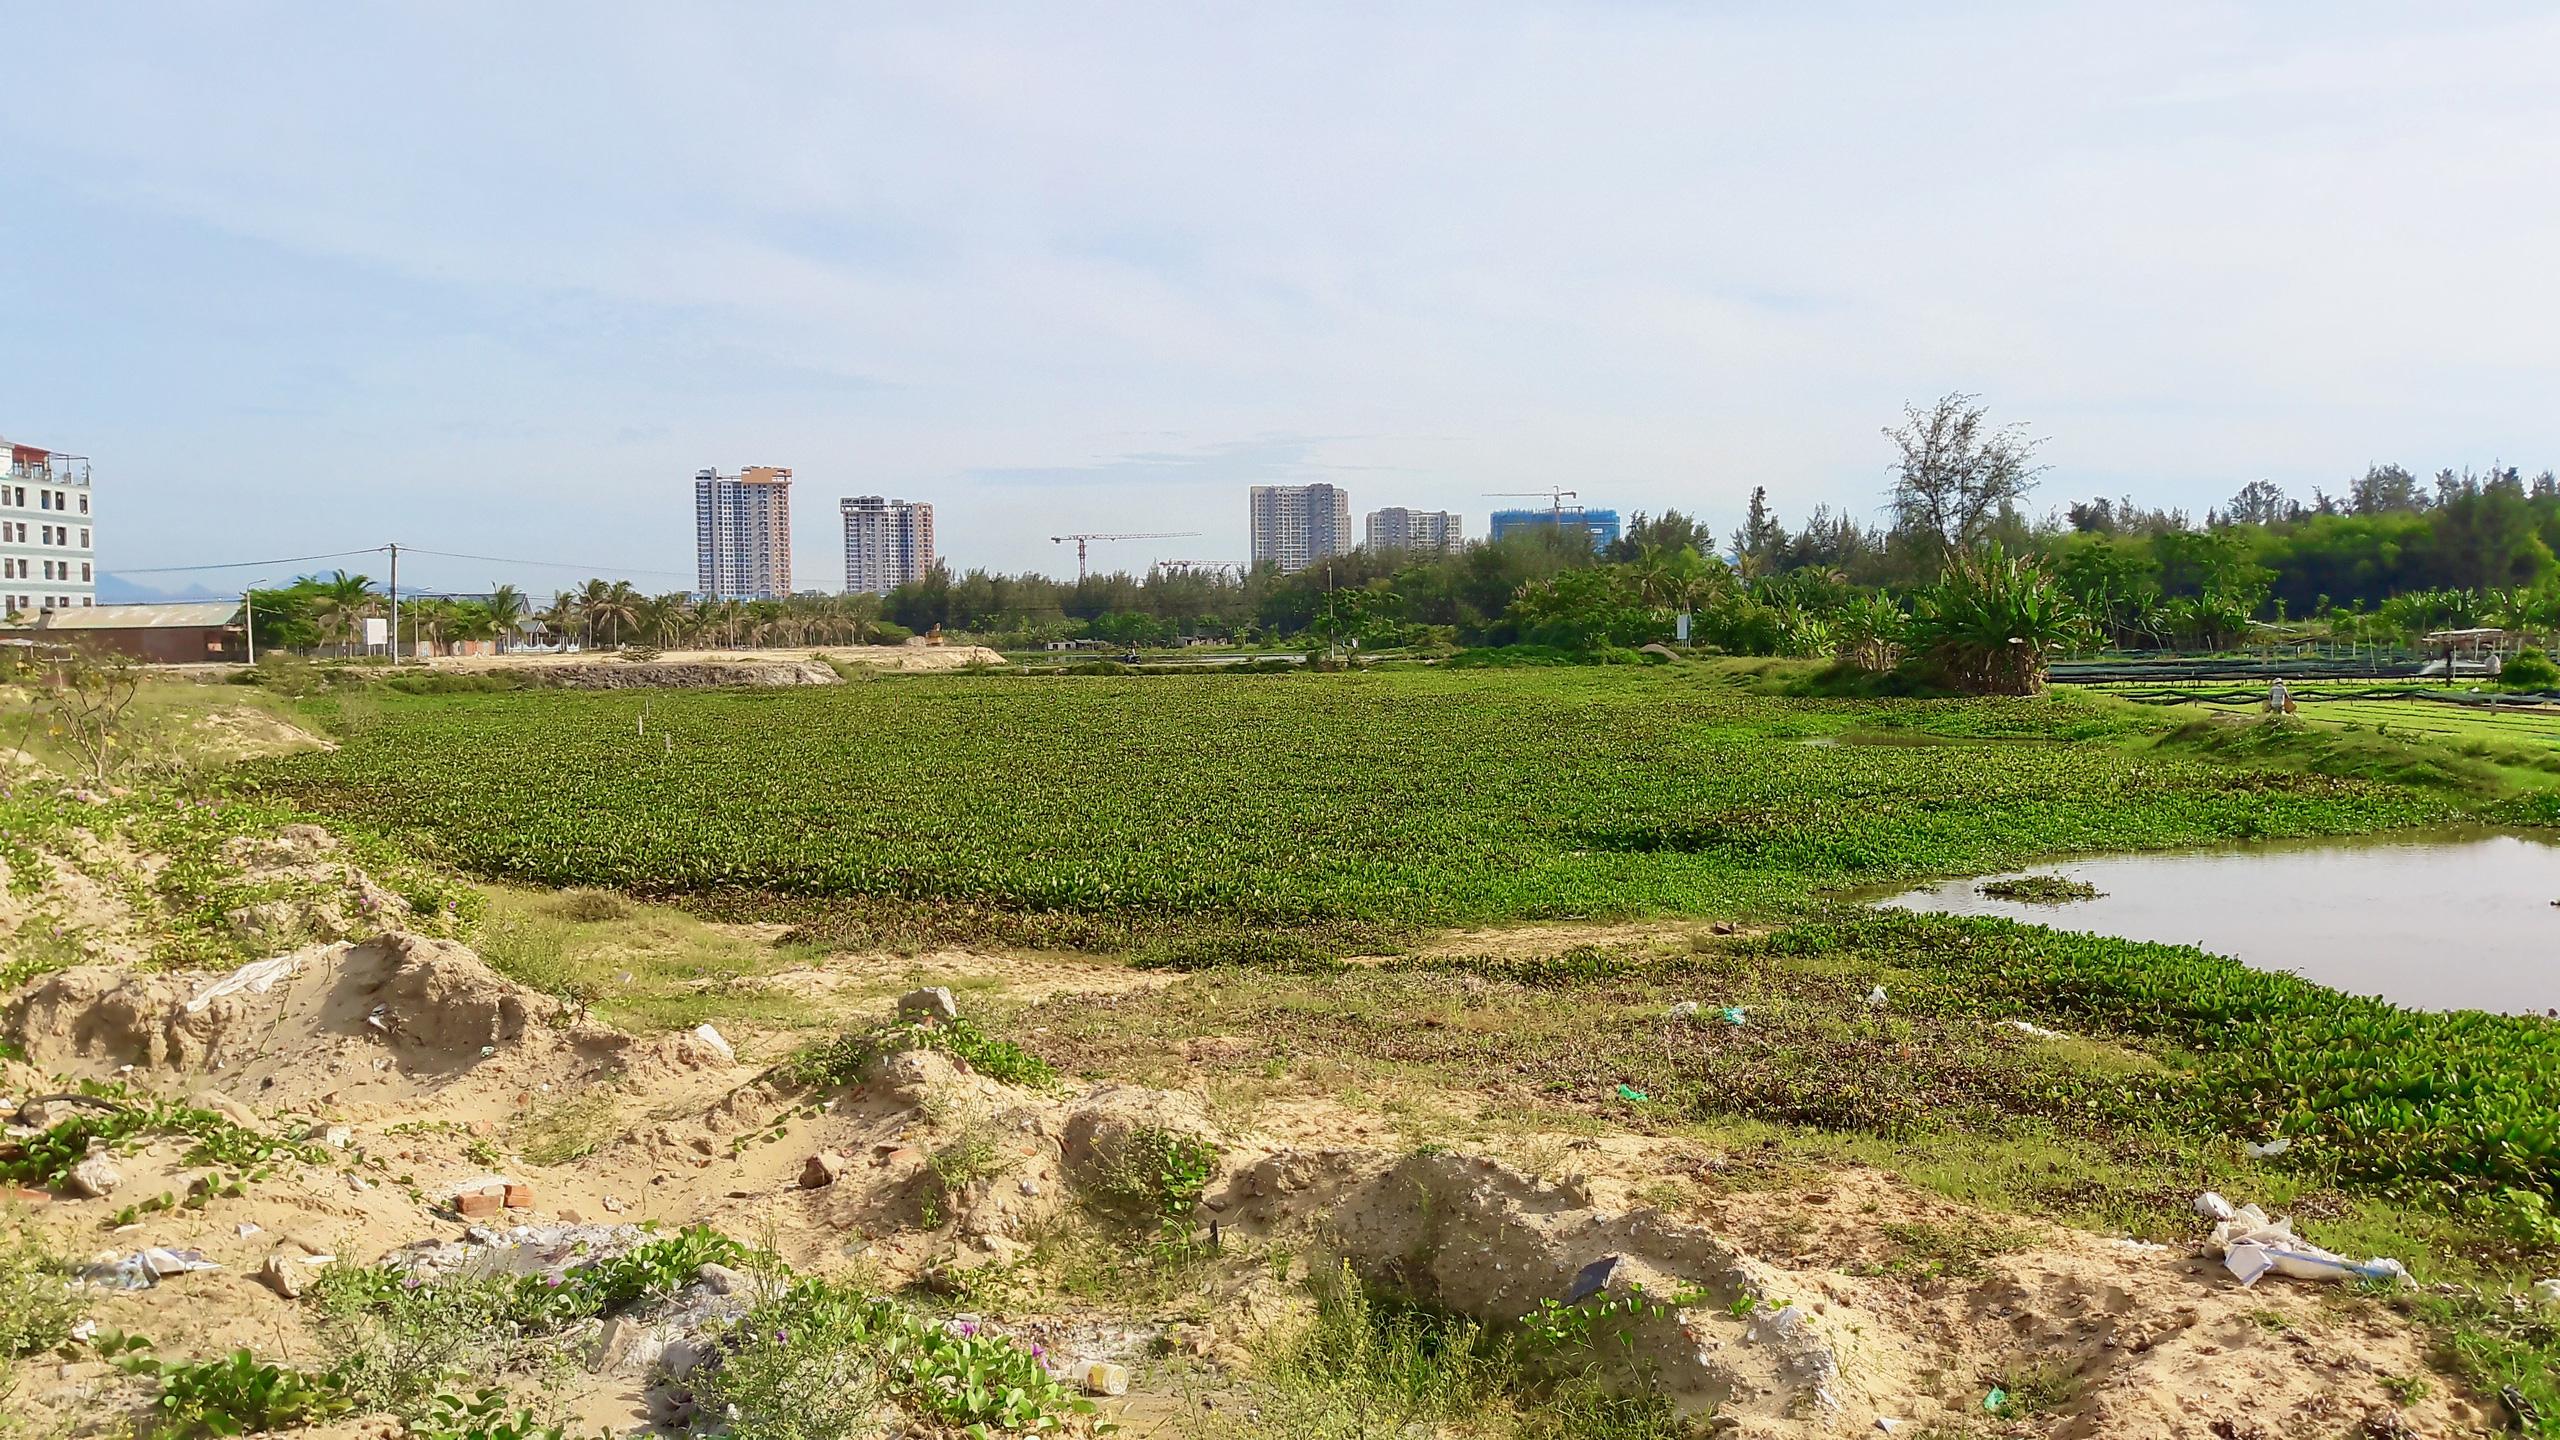 Quảng Nam lựa chọn nhà thầu thiết kế đô thị tuyến ven biển, ven sông Cổ Cò - Ảnh 1.